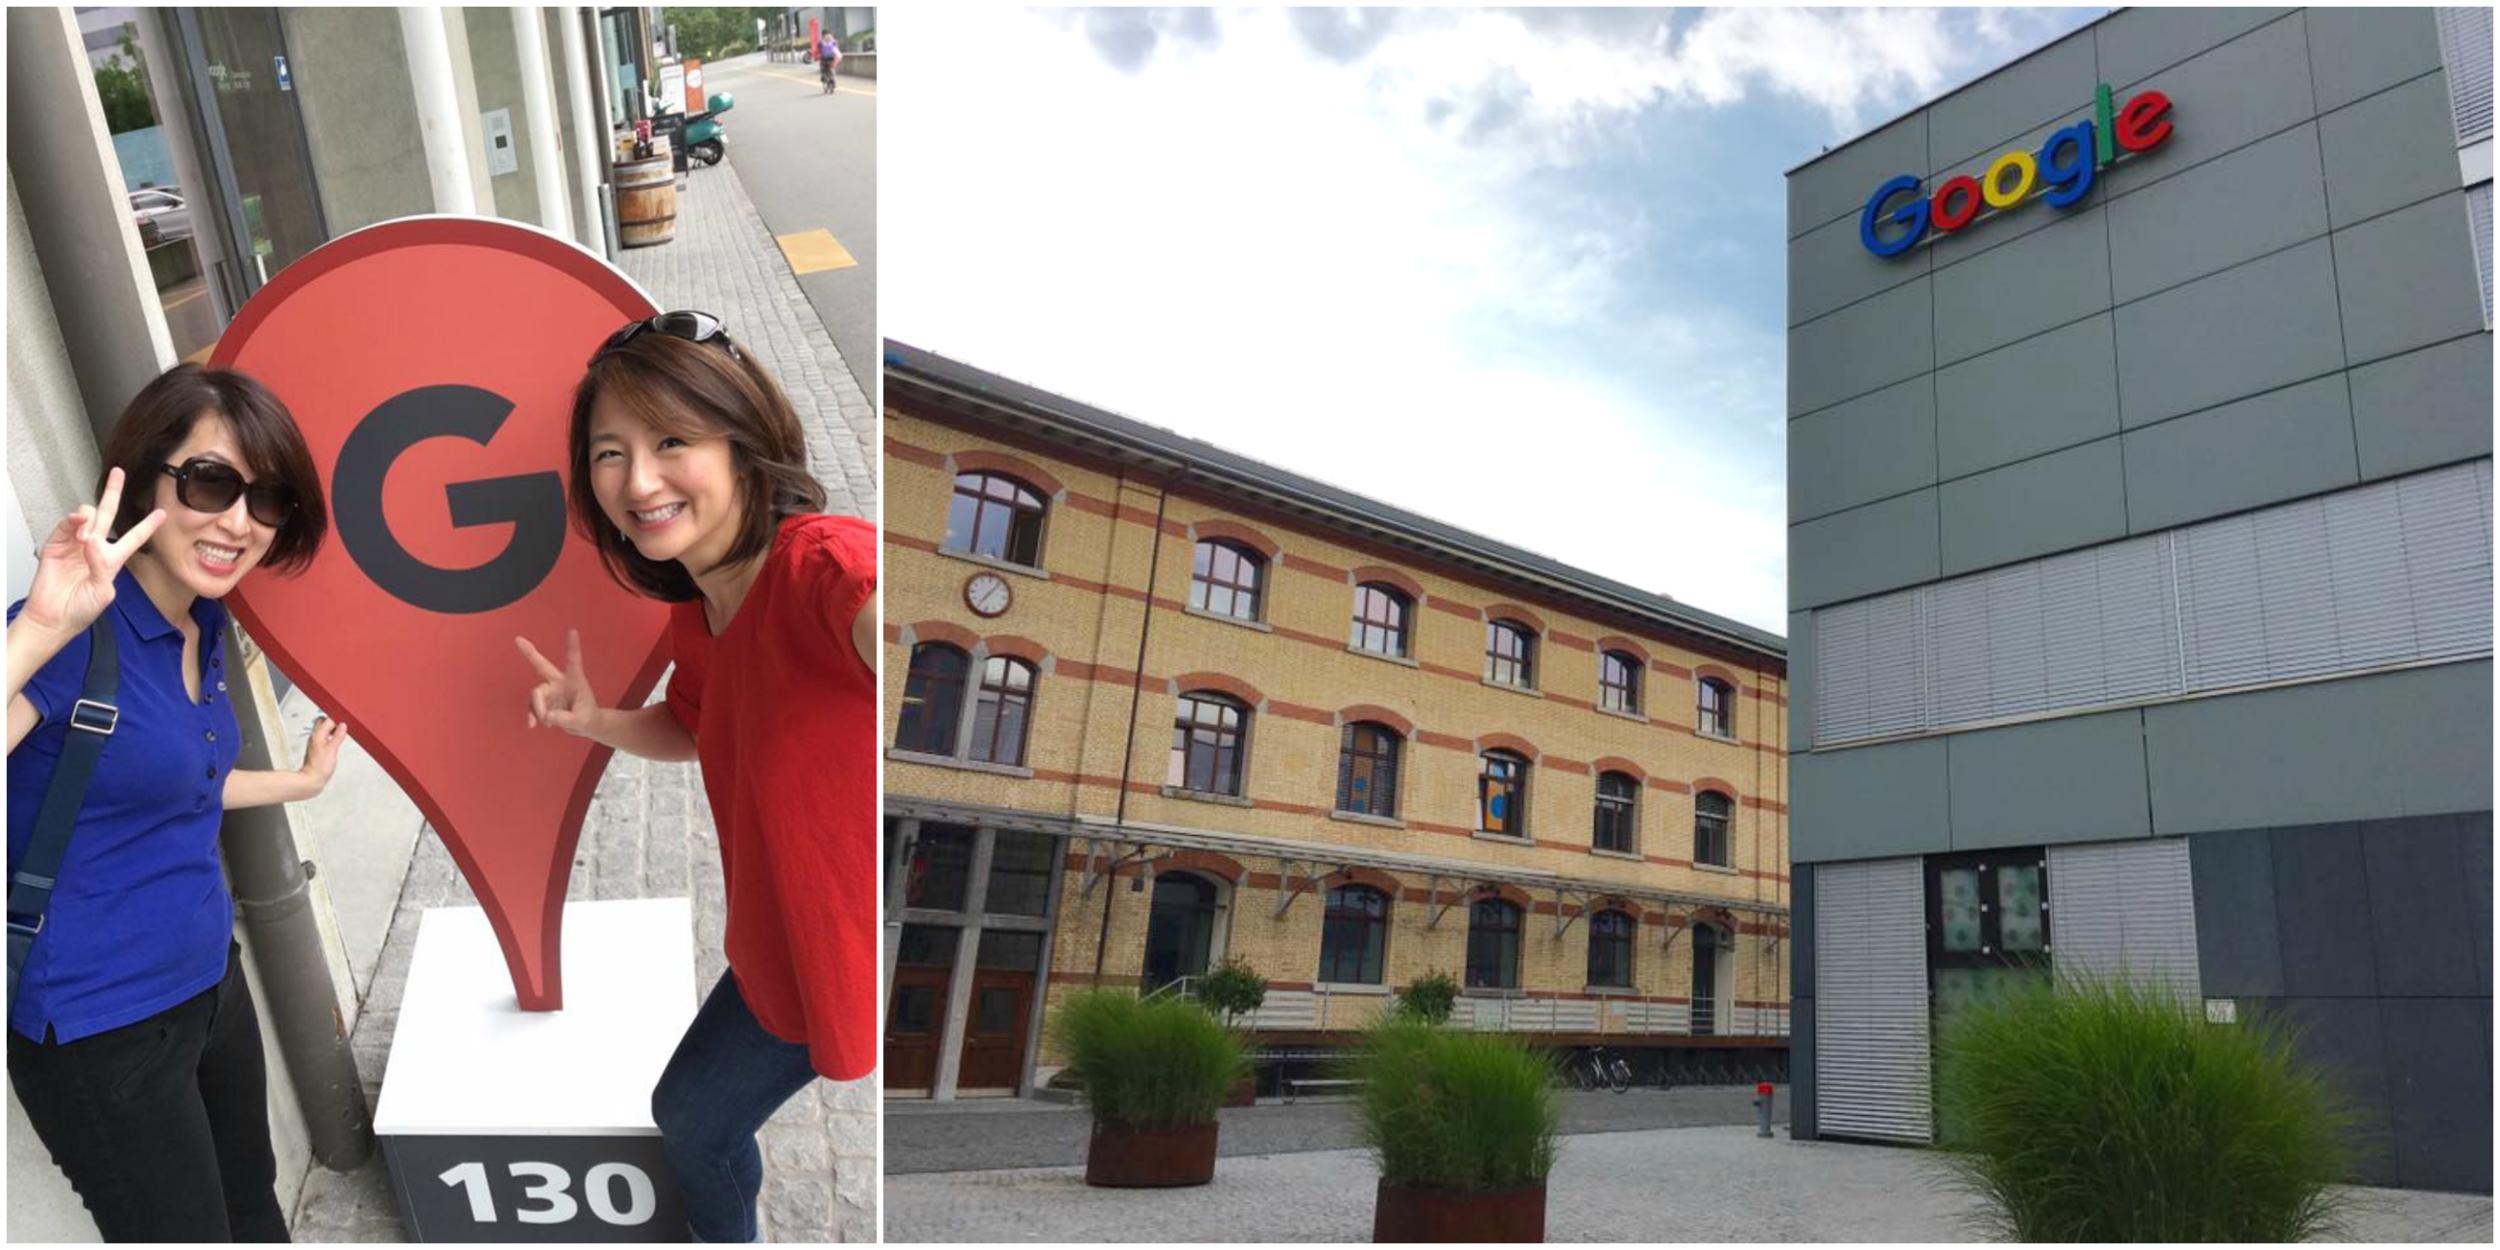 Swinging by Google's European engineering hub with sis!/© Eileen Hsieh